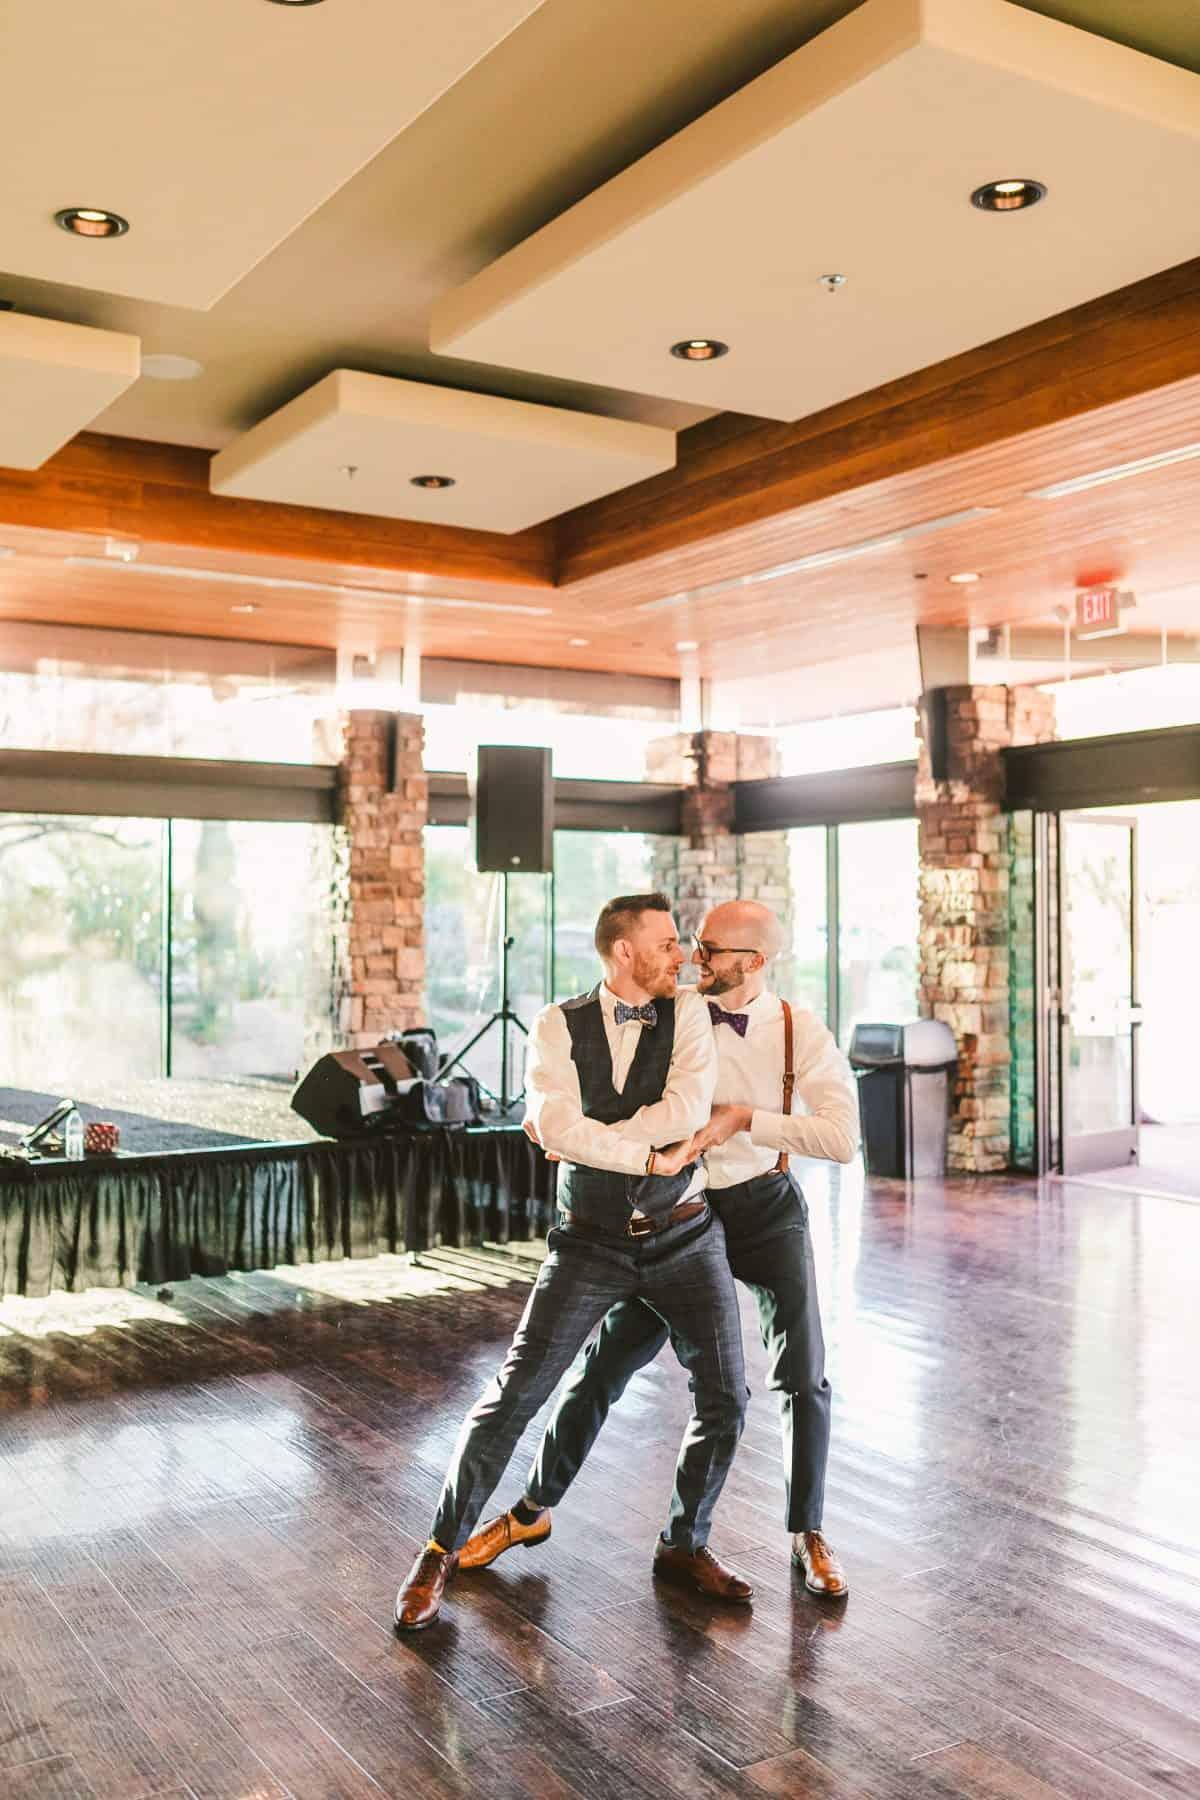 burke and malachi gay wedding reception dance